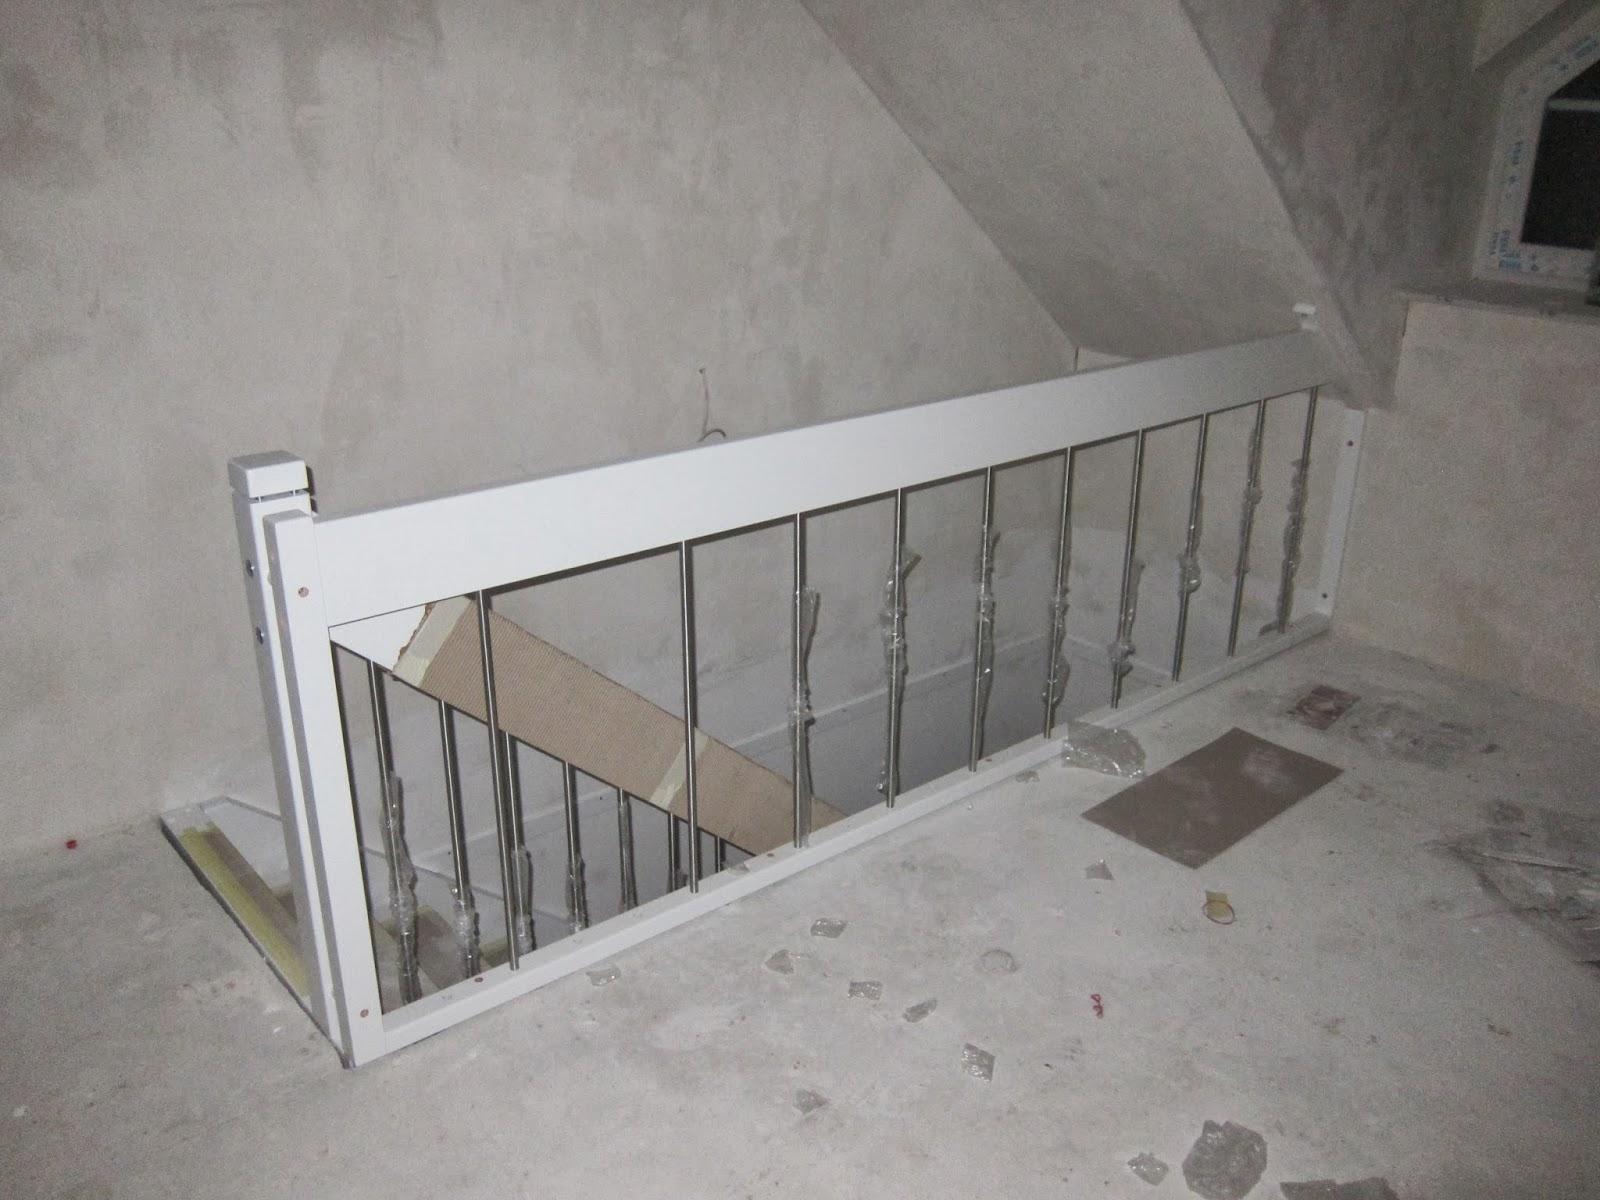 schleusenstrasse heizung spachteln fliesen und treppe. Black Bedroom Furniture Sets. Home Design Ideas